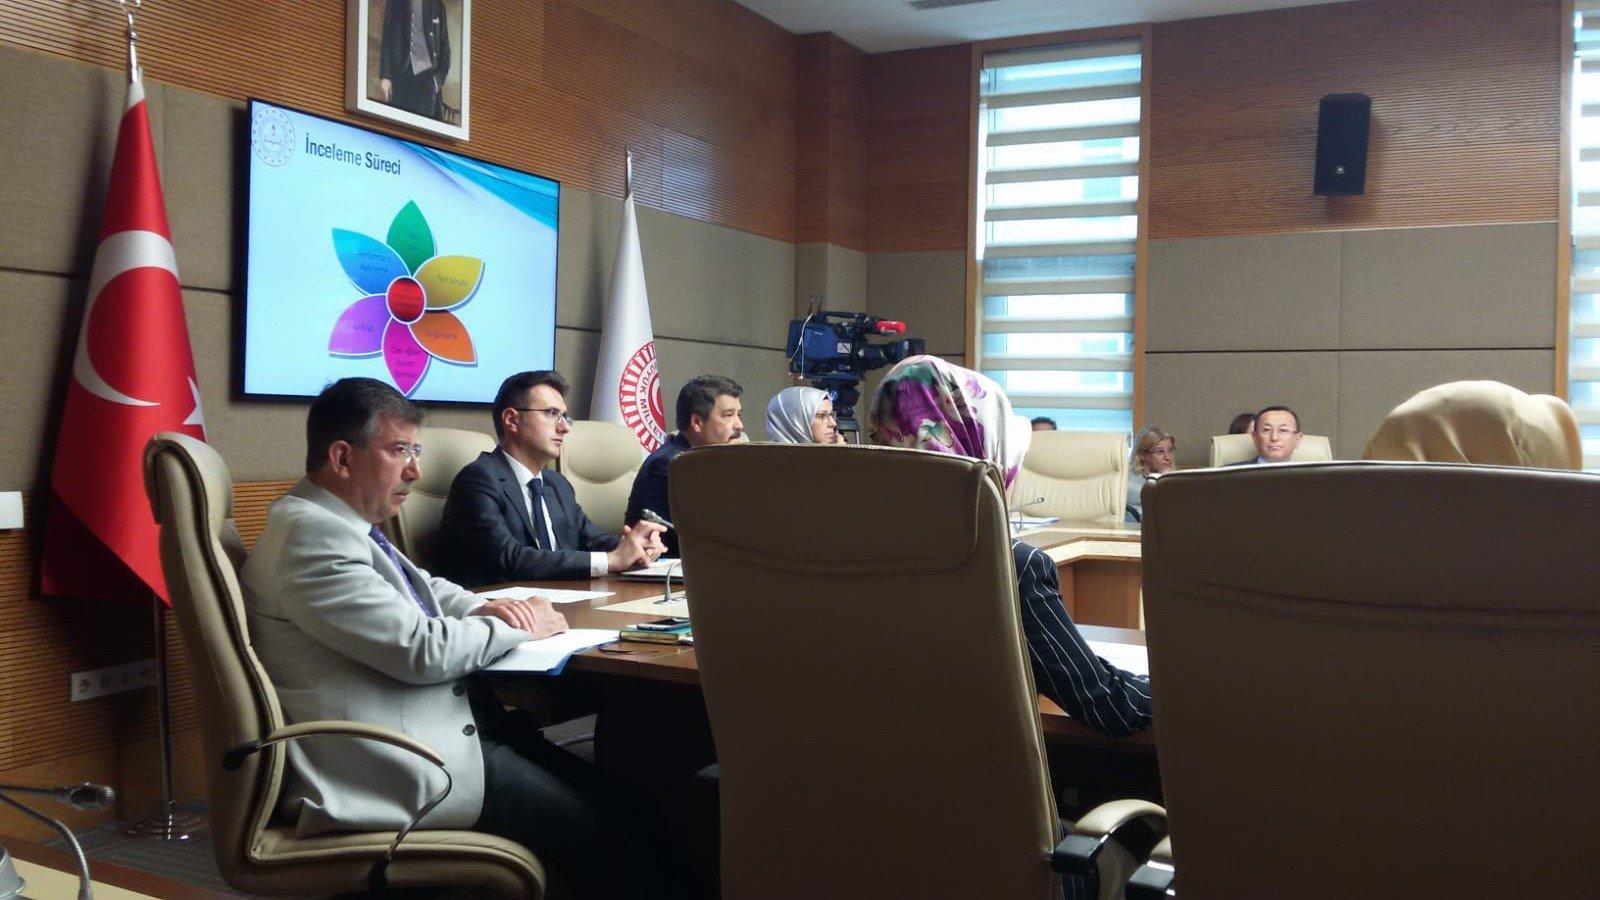 TBMM Down Sendromu, Otizm ve Diğer Gelişimsel Bozukluklar Araştırma Komisyonu görev dağılımı sonrası ikinci toplantısı